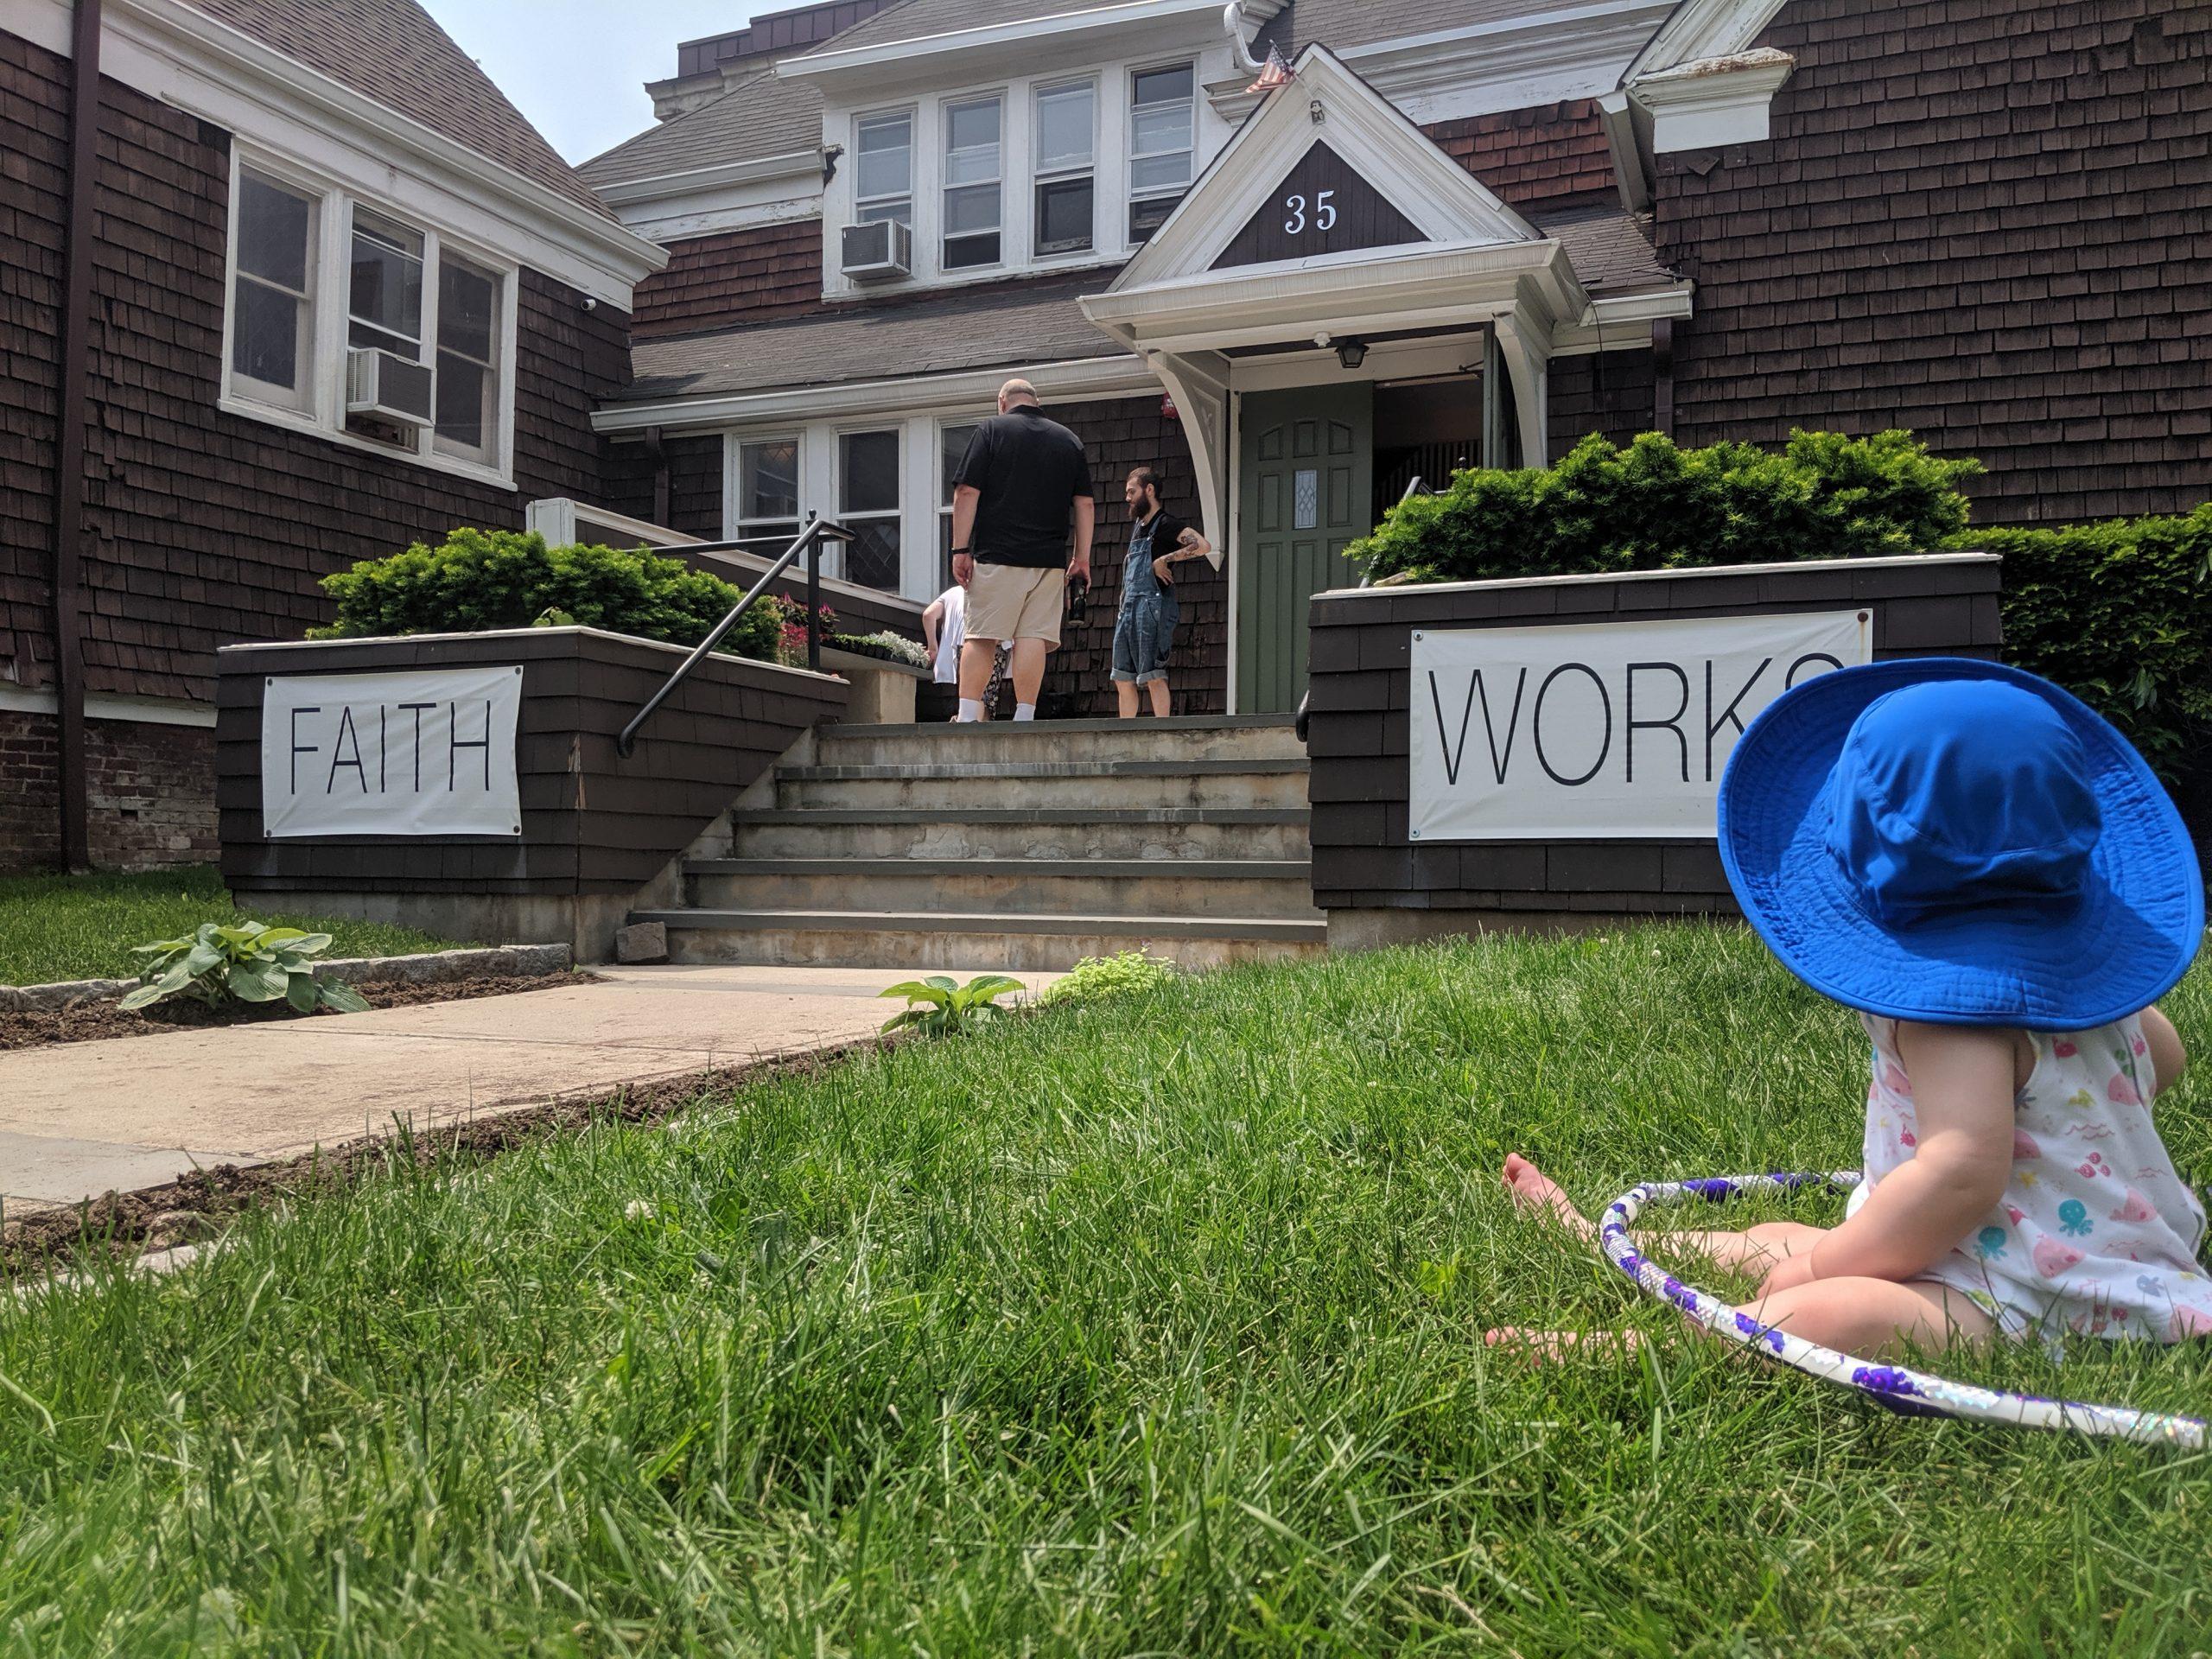 Faith + Works